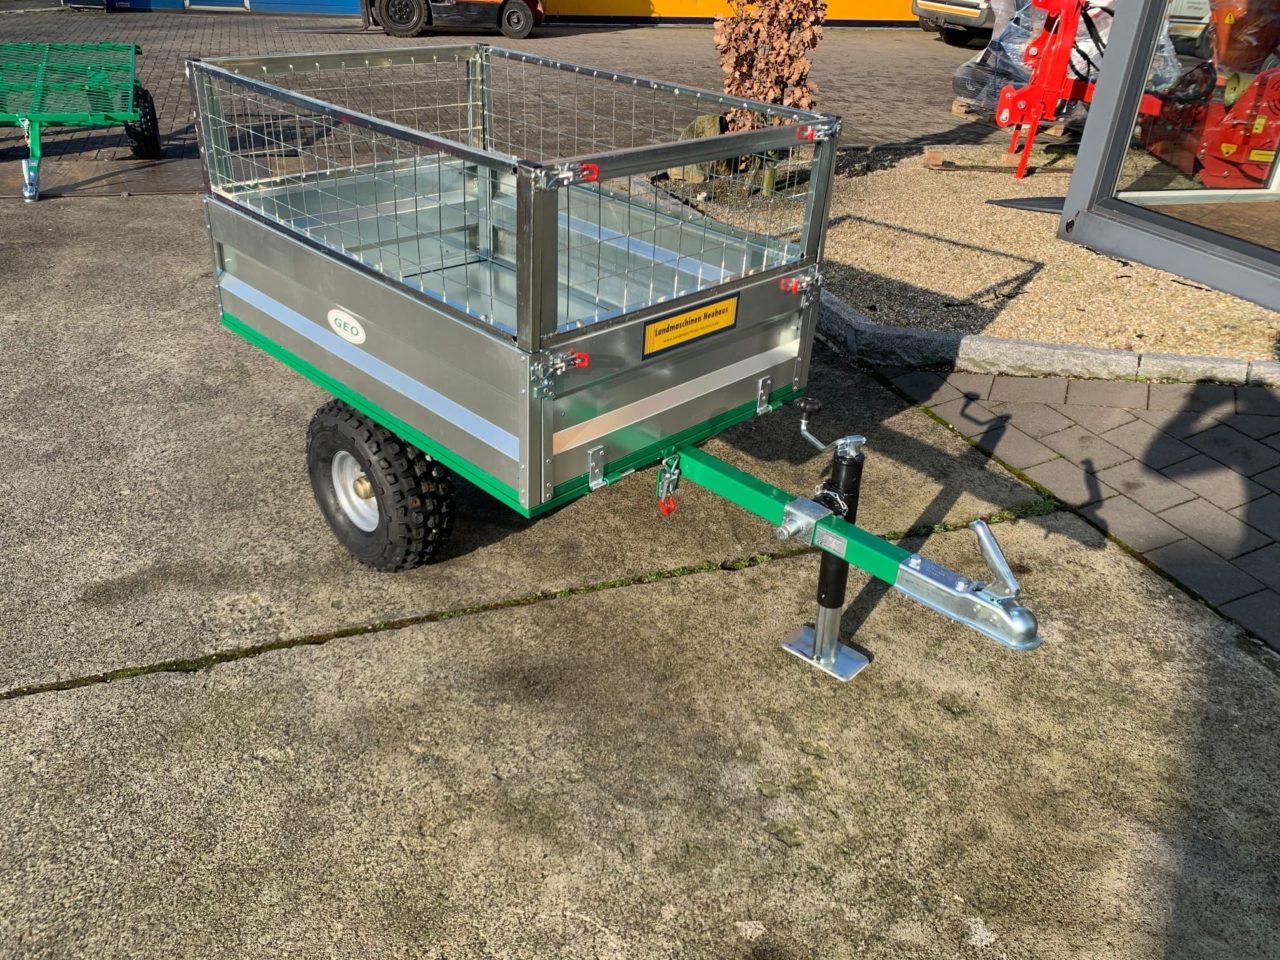 Anhänger für ATV mit Gitterbordwandaufsatz Modell PV 400